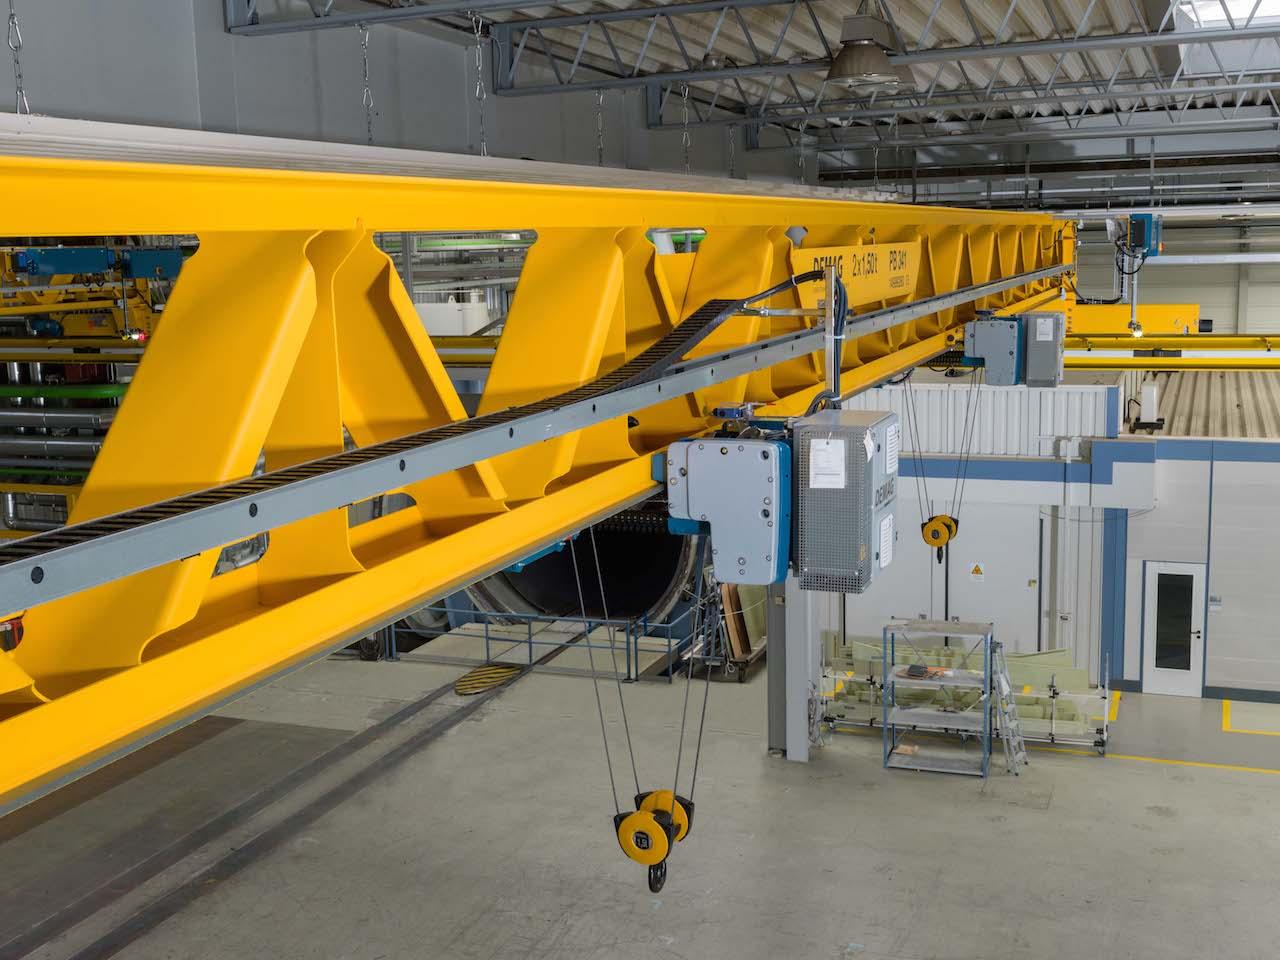 Как осуществляется перемещение и поднятие грузов на производстве?